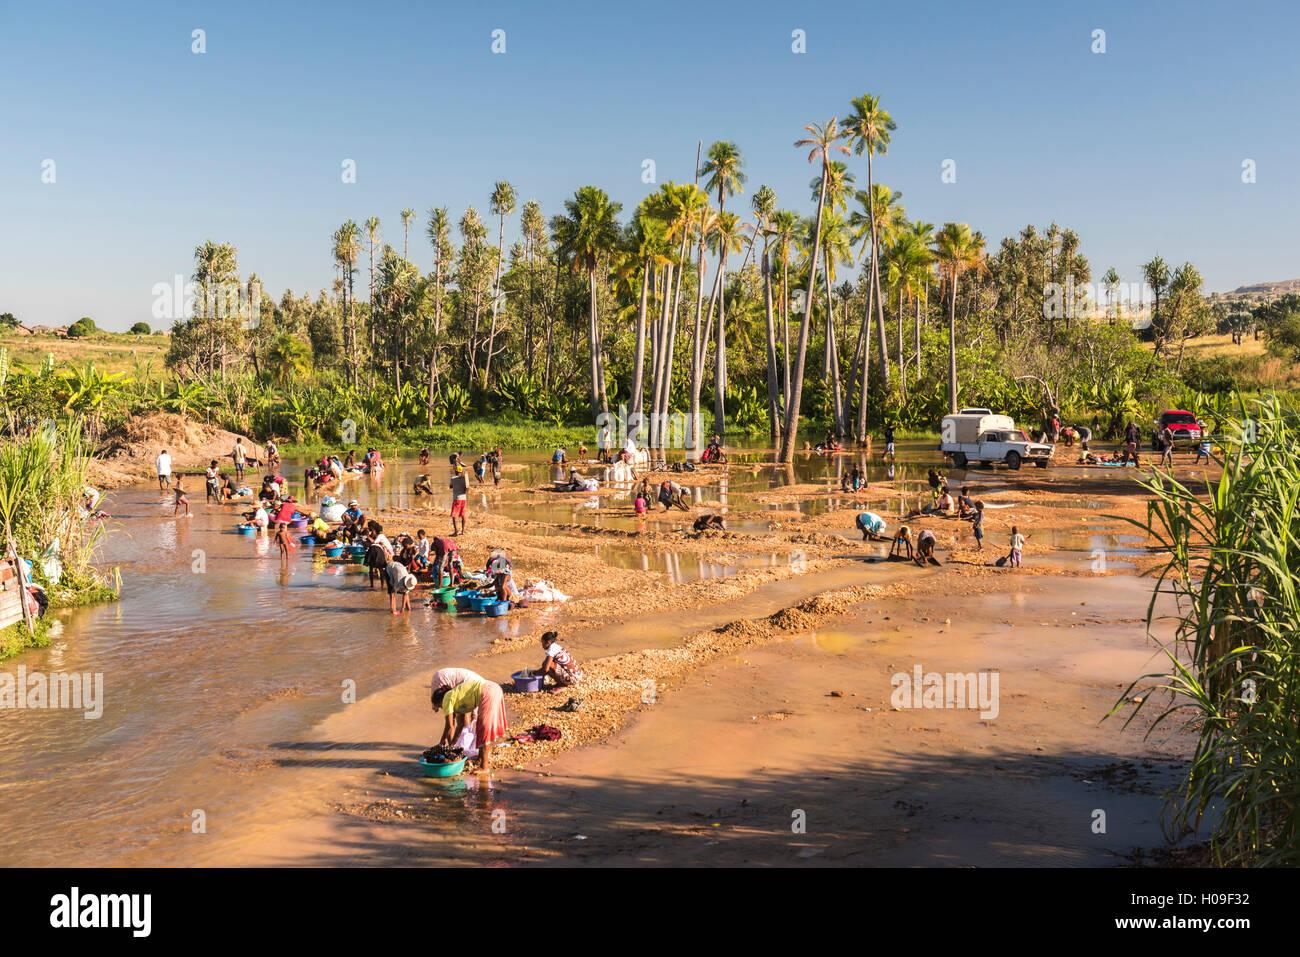 Panning for gold in Ilakaka, Ihorombe Region, Southwest Madagascar, Africa - Stock Image